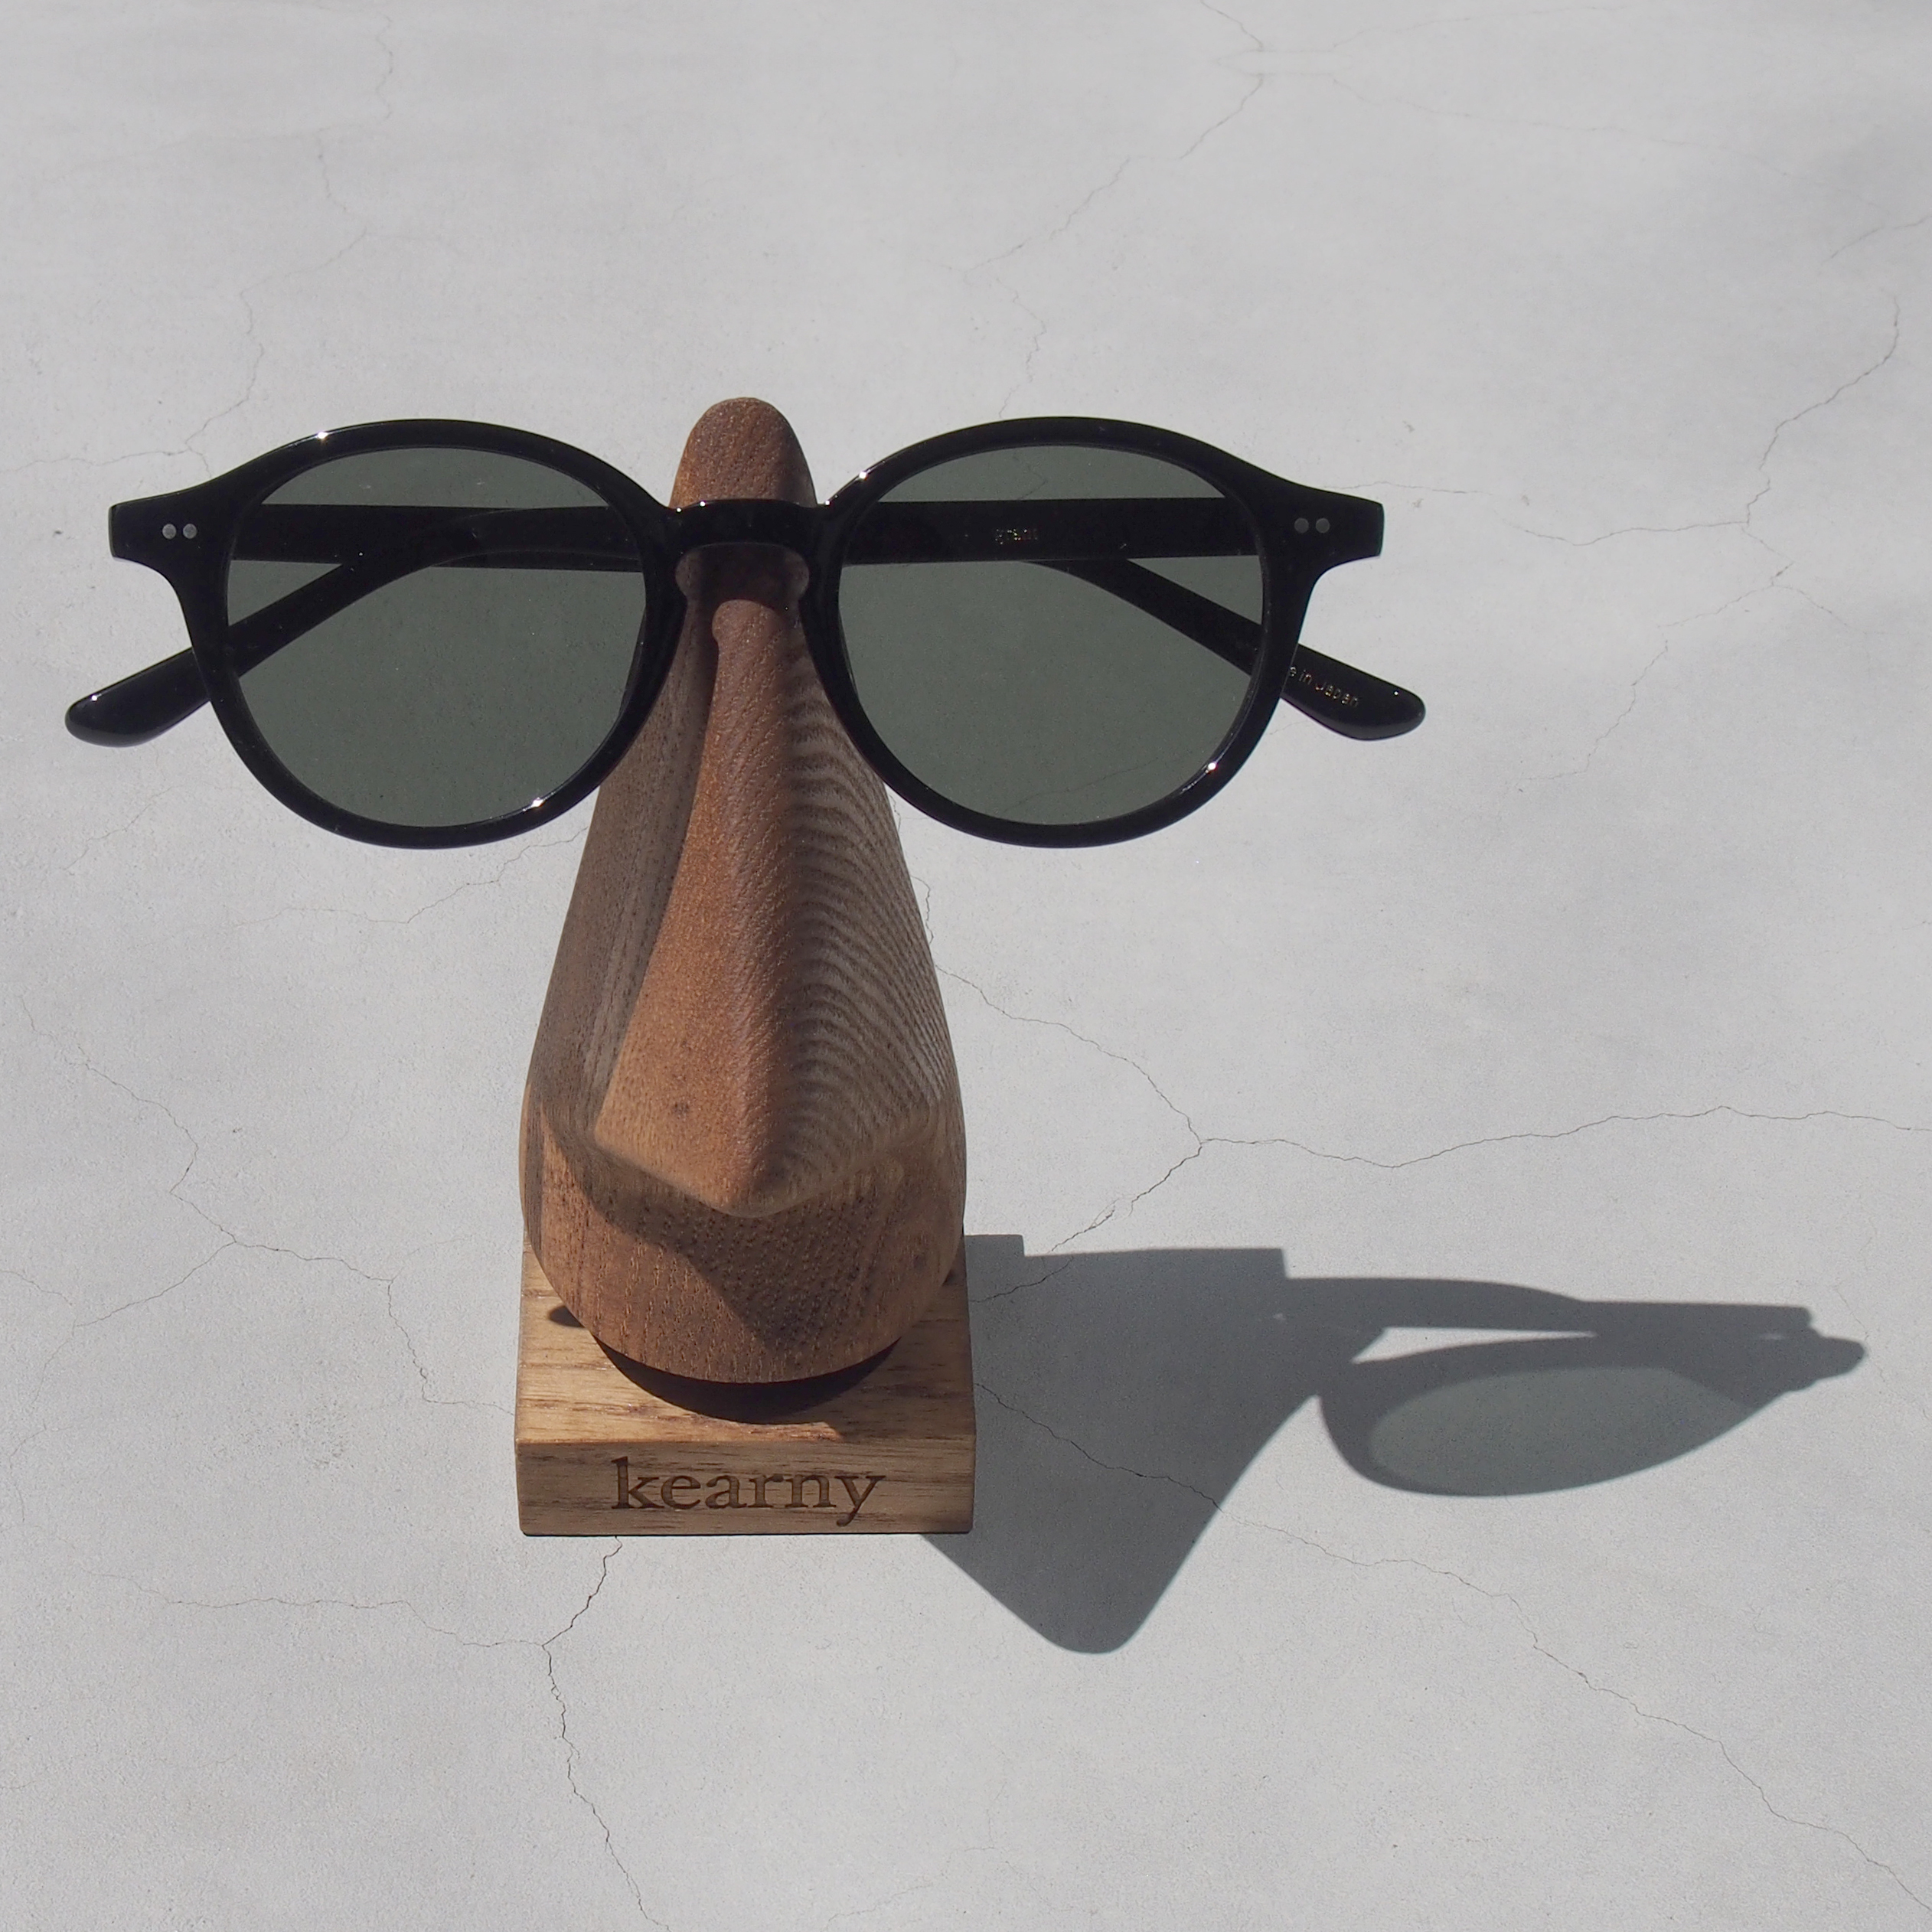 Kearny Grant black (sunglasses)